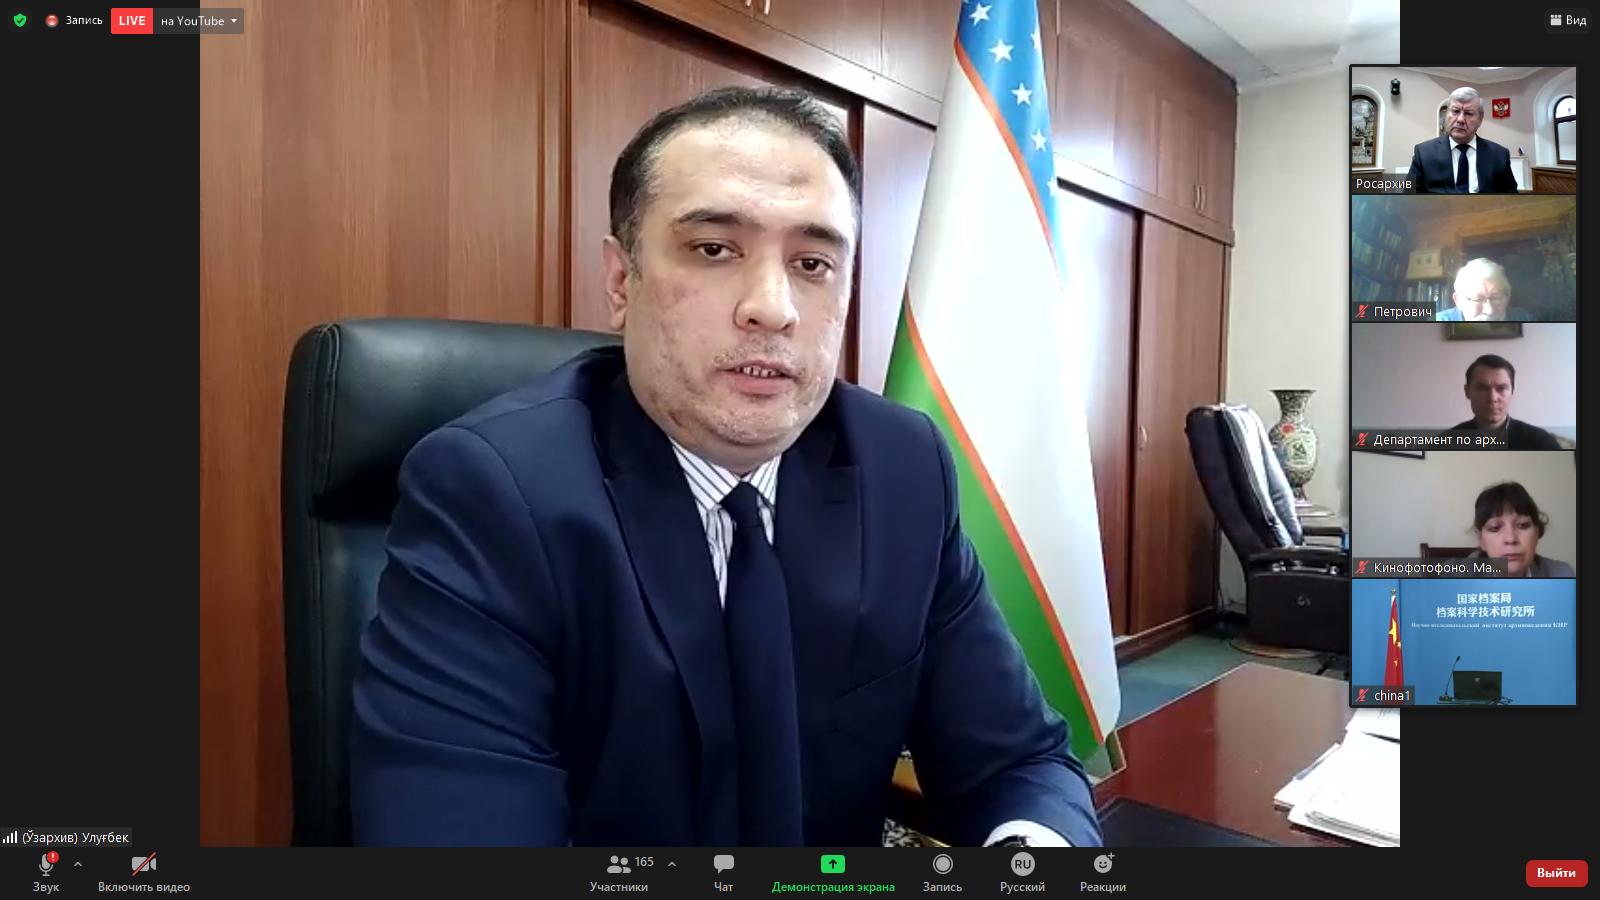 Юсупов Улугбек Мирталибович, генеральный директор Агентства «Узархив» Республики Узбекистан.